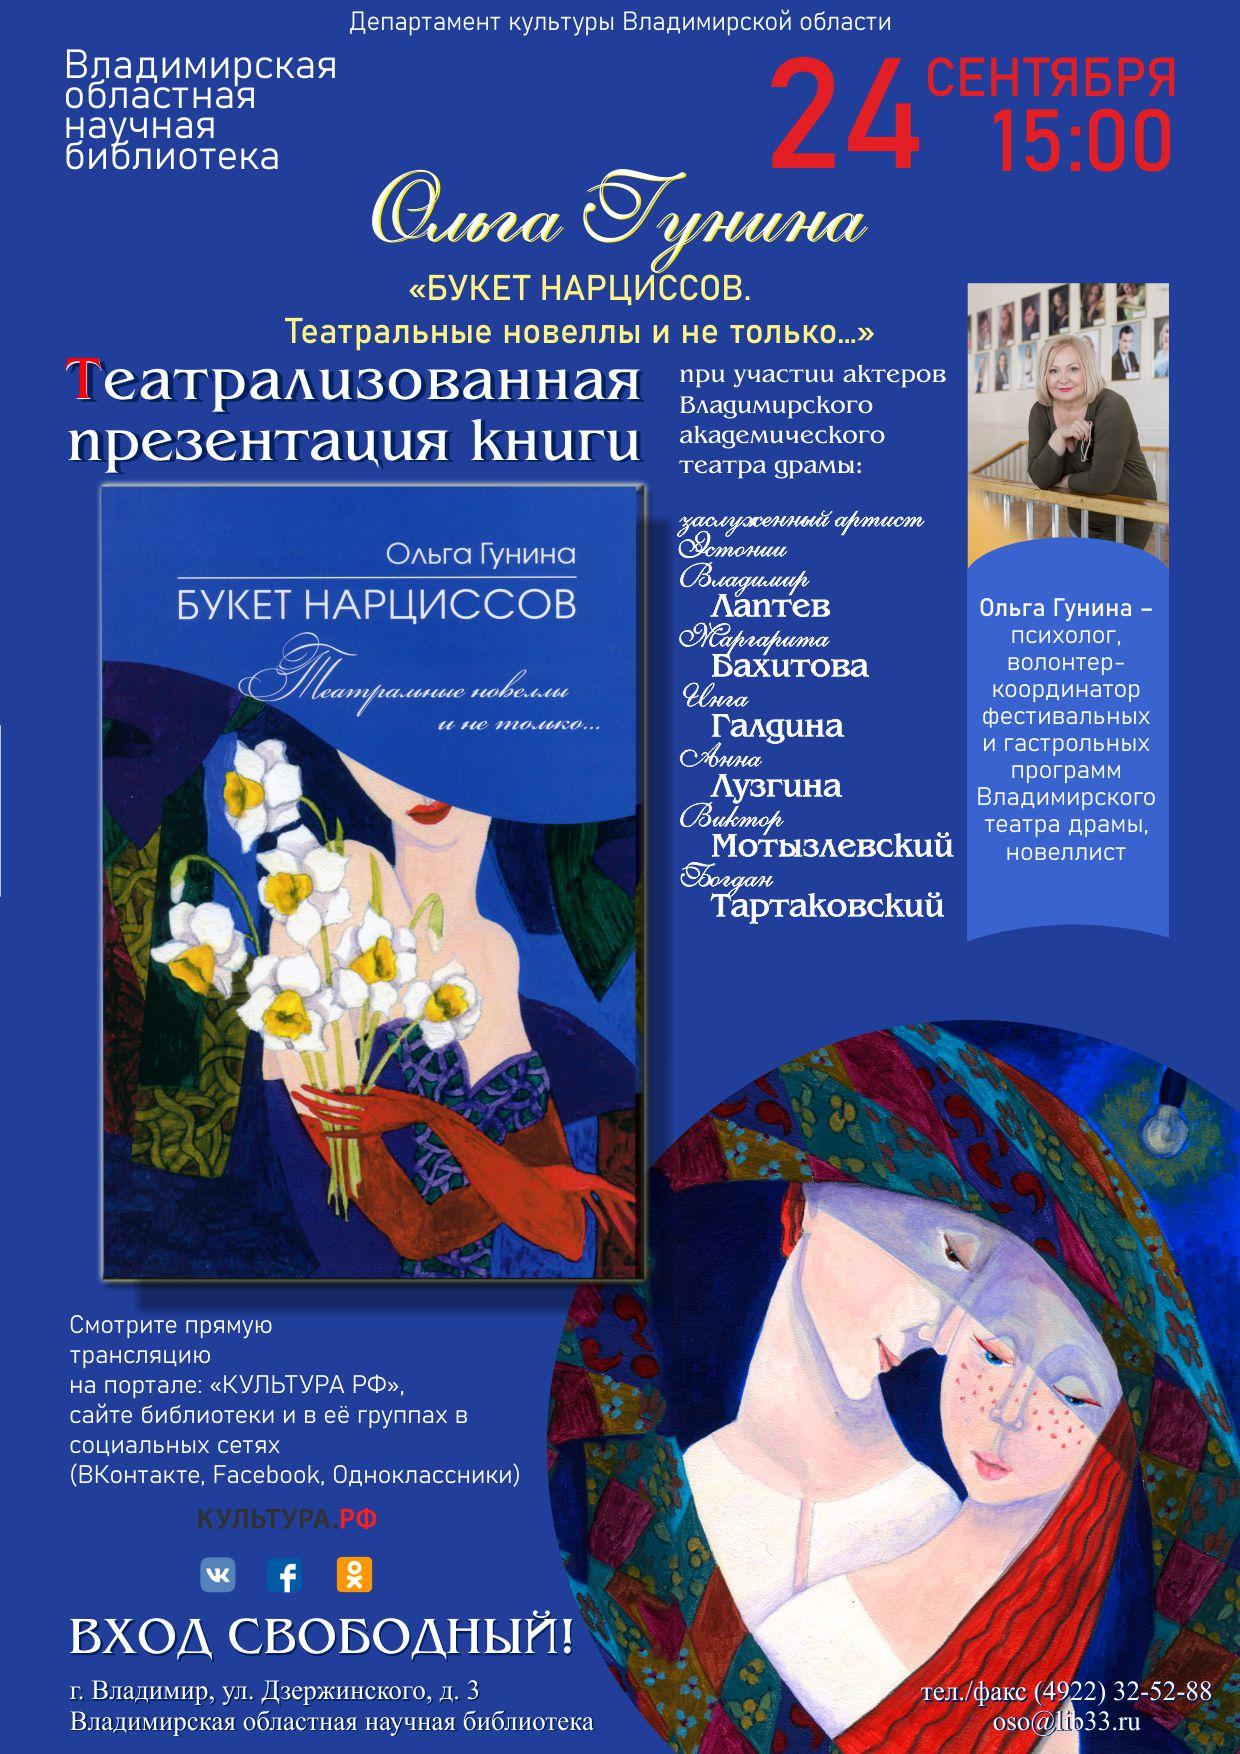 Афиша презентации Ольги Гуниной